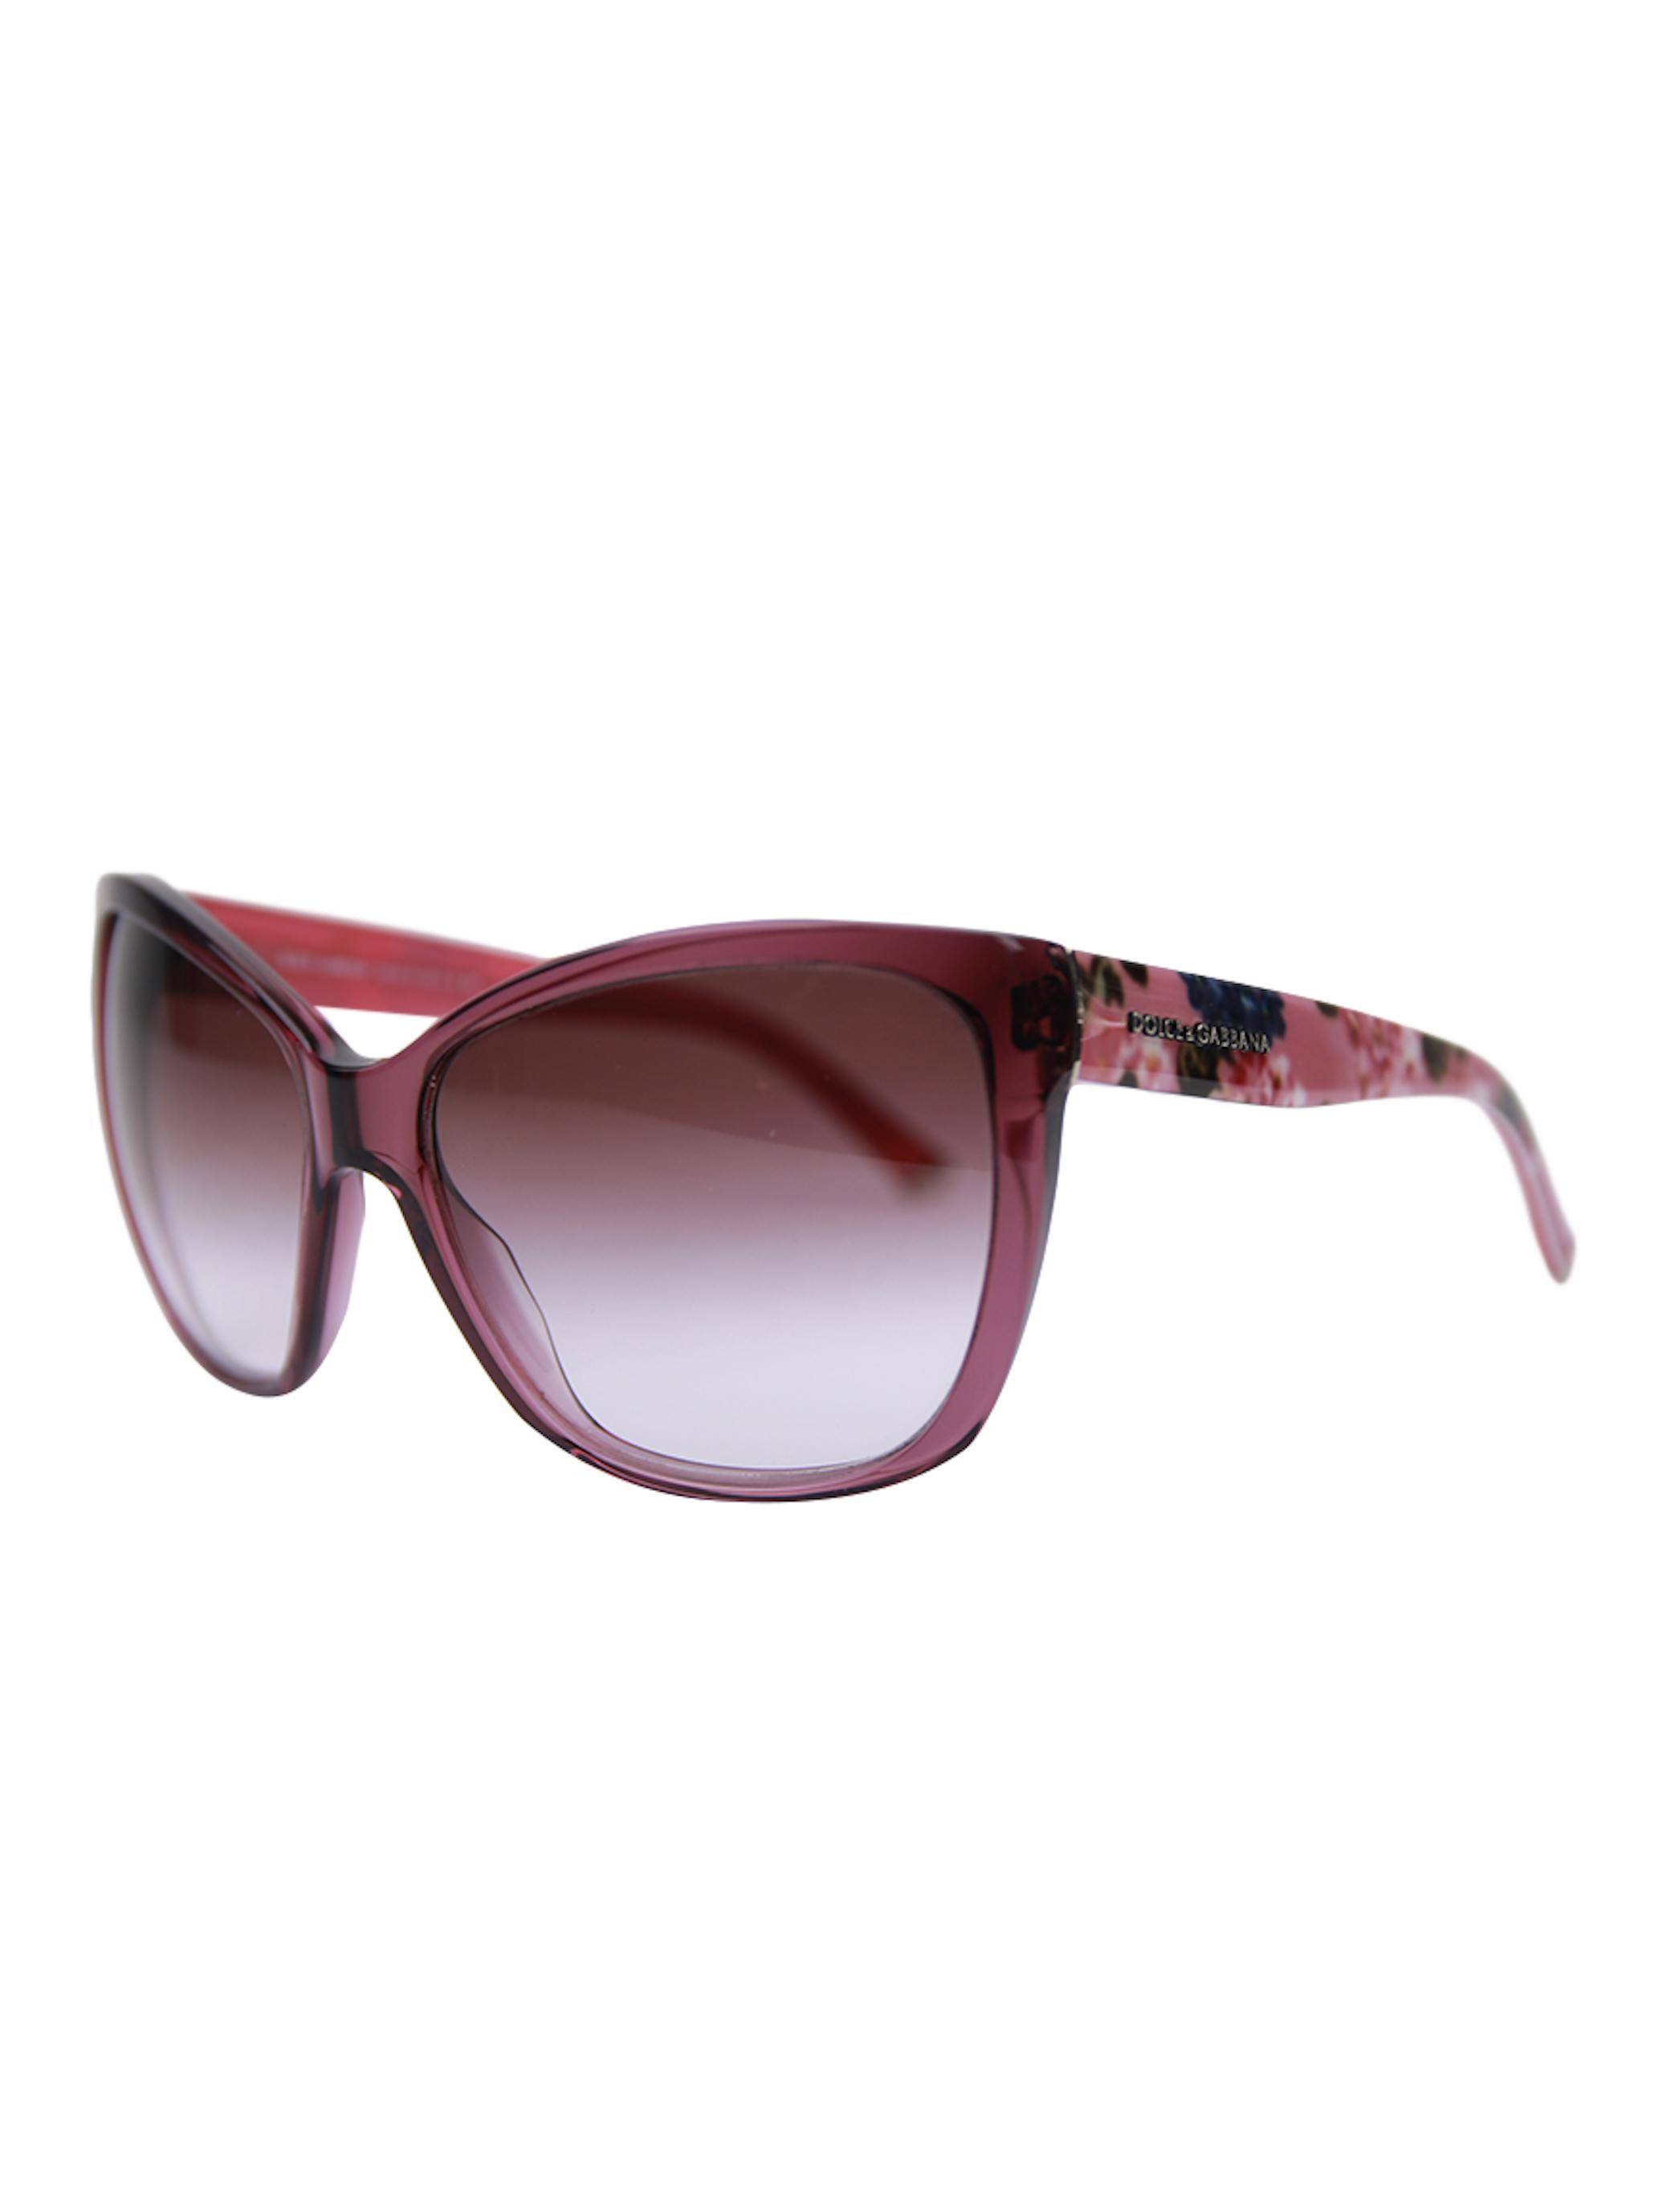 Růžové sluneční brýle - DOLCE & GABBANA